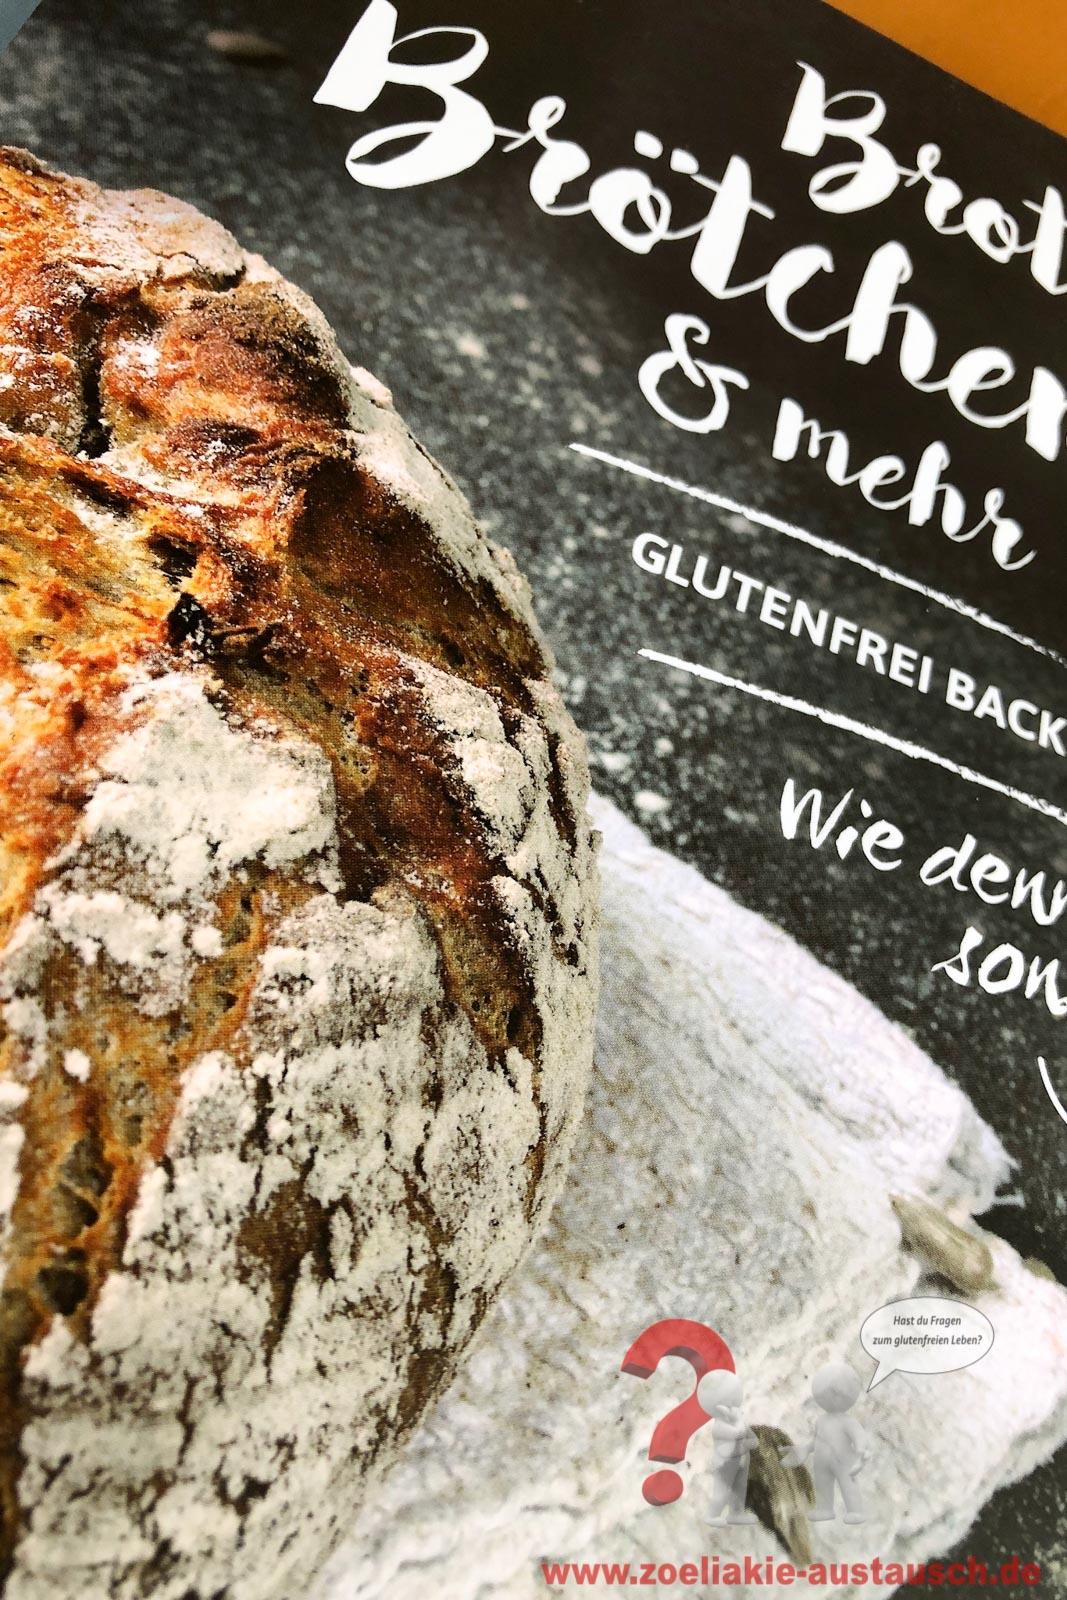 Schulenburg_Brot-Broetchen-und-mehr_Zoeliakie_Austausch_002